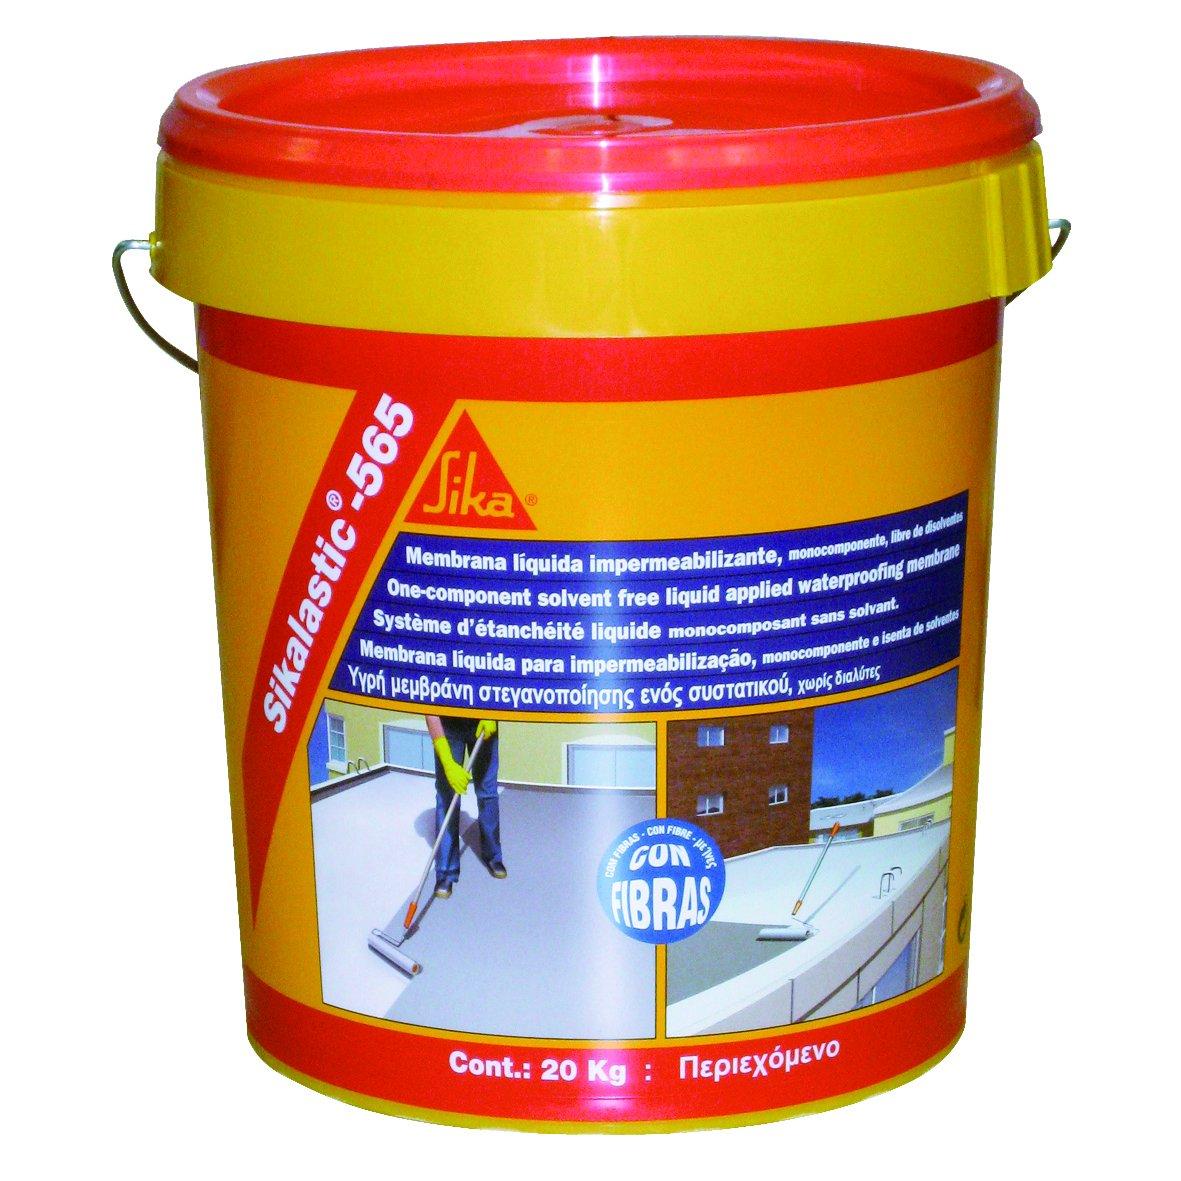 Promoci n 2014 impermeabiliza tu casa sika - Sika pintura impermeabilizante ...